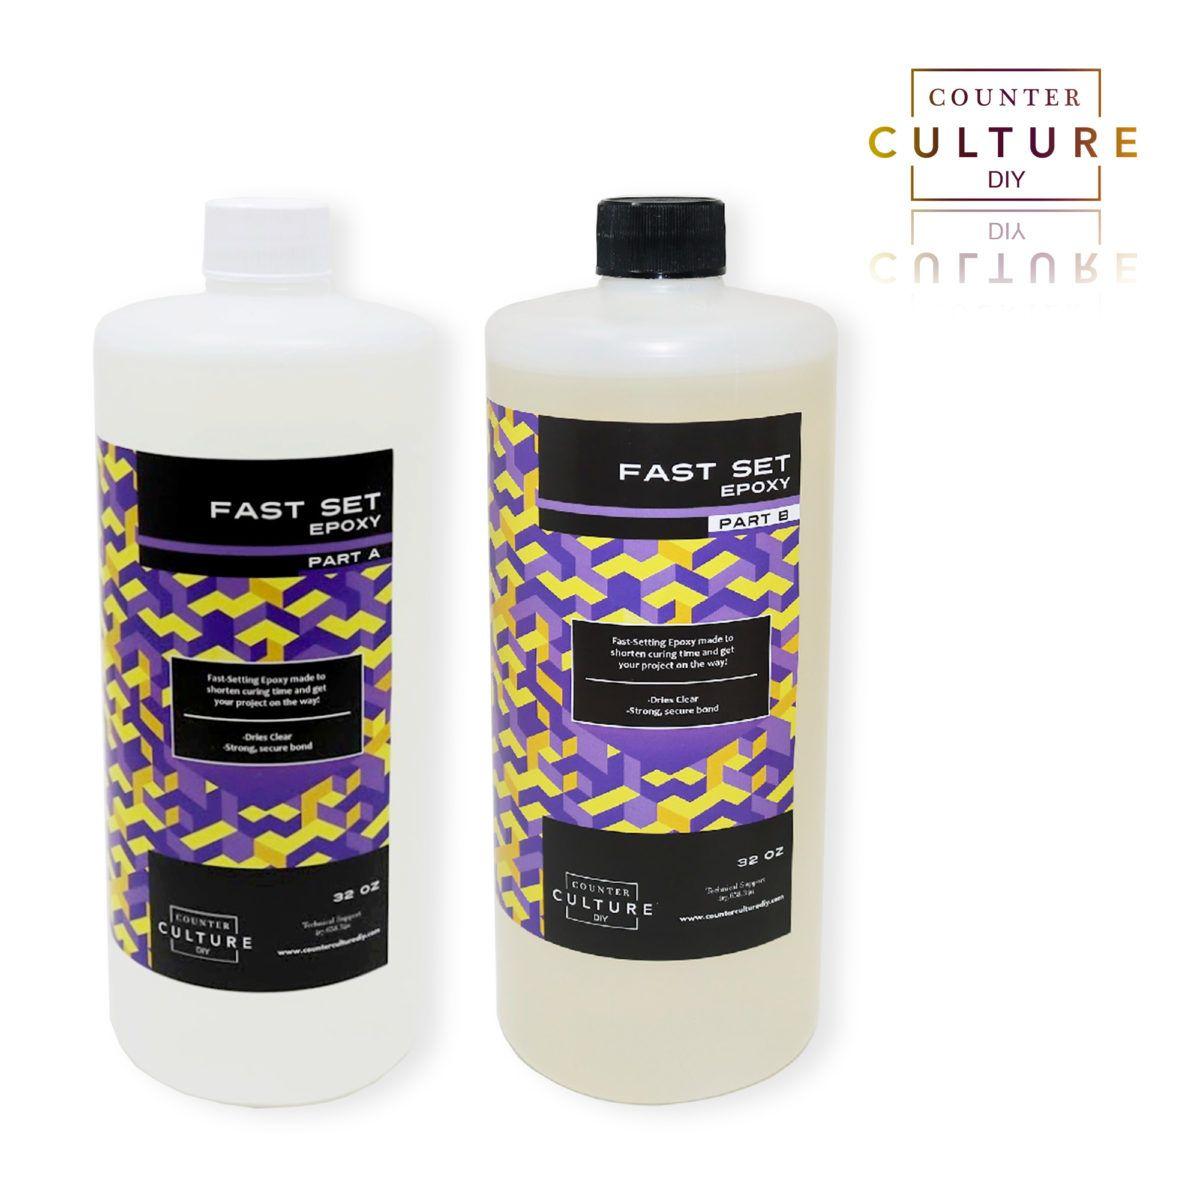 Home Counter Culture Diy Diy Resin Art Resin Art Supplies Resin Diy